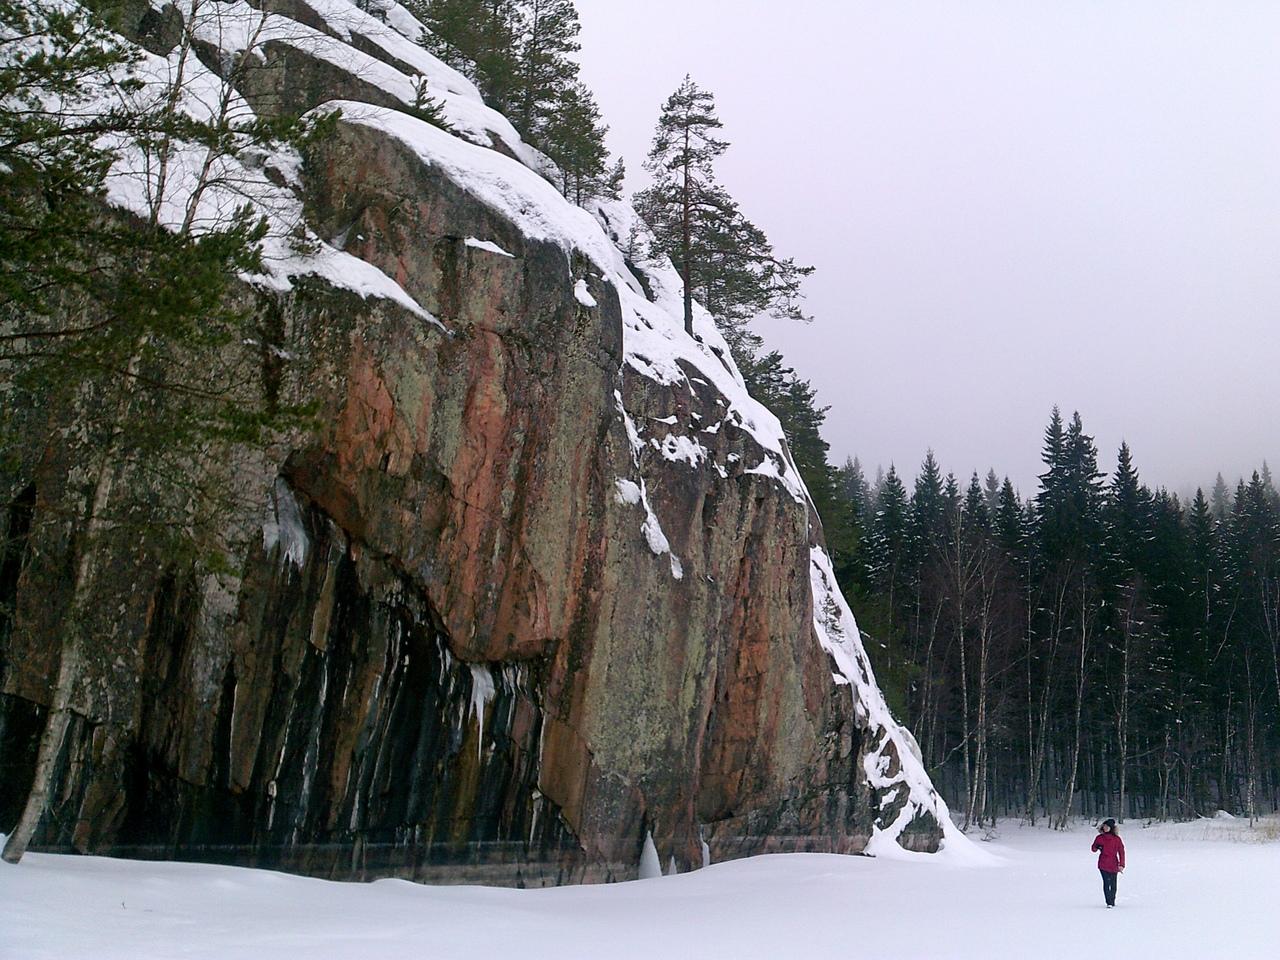 По Карелии. Скалы в Импилахти. Одно из самых красивых мест на Ладожском озере.